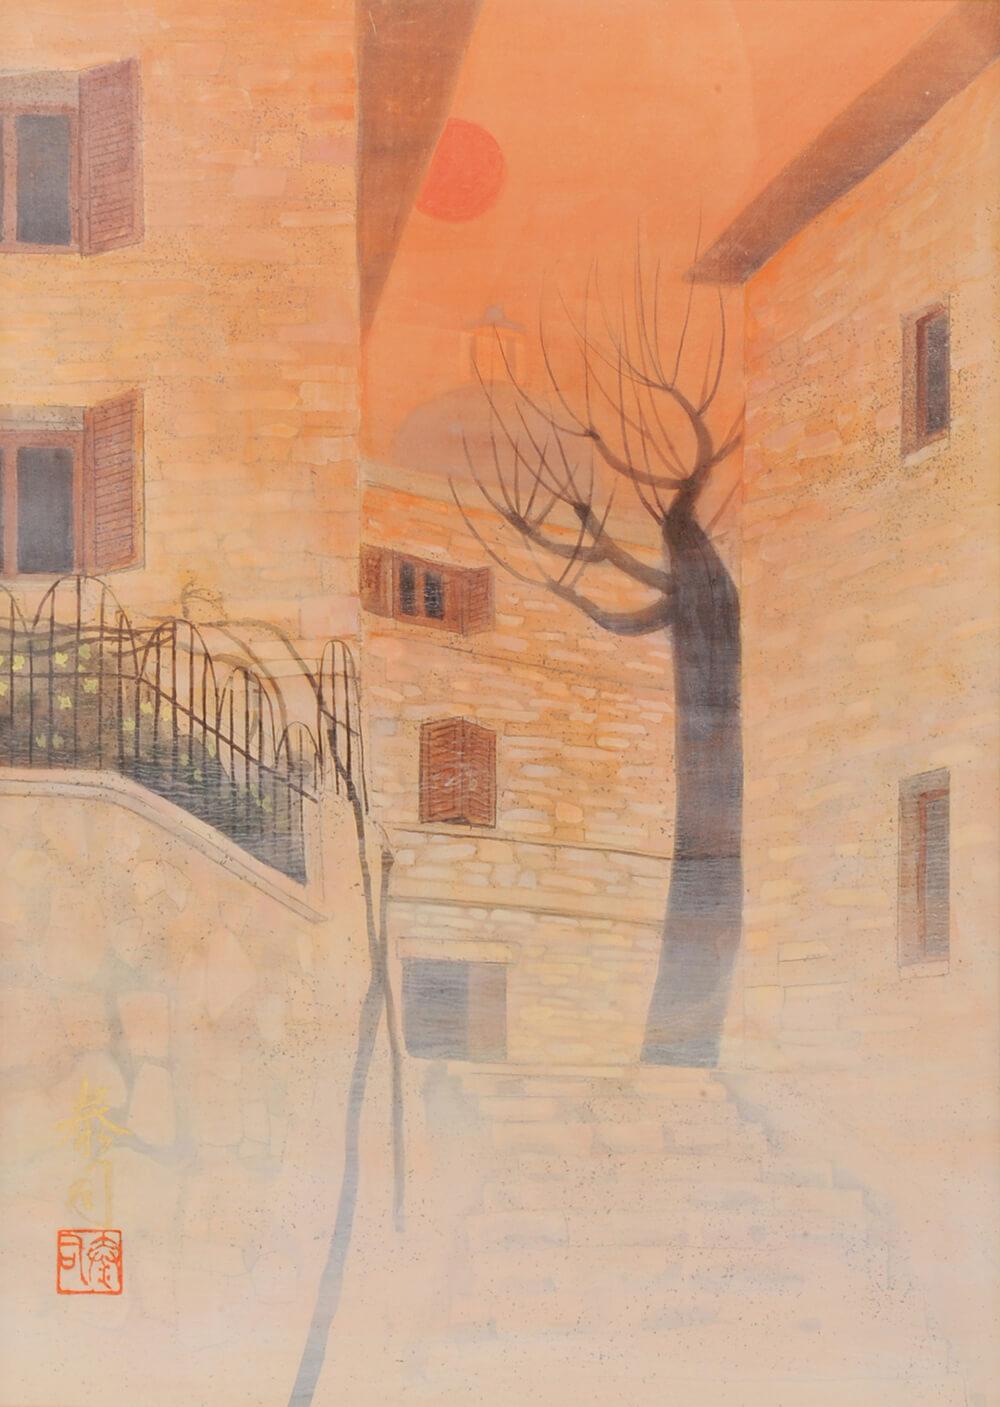 2013年1月11日から開催の「癸巳 橘 泰司 日本画 展」の橘 泰司の作品03